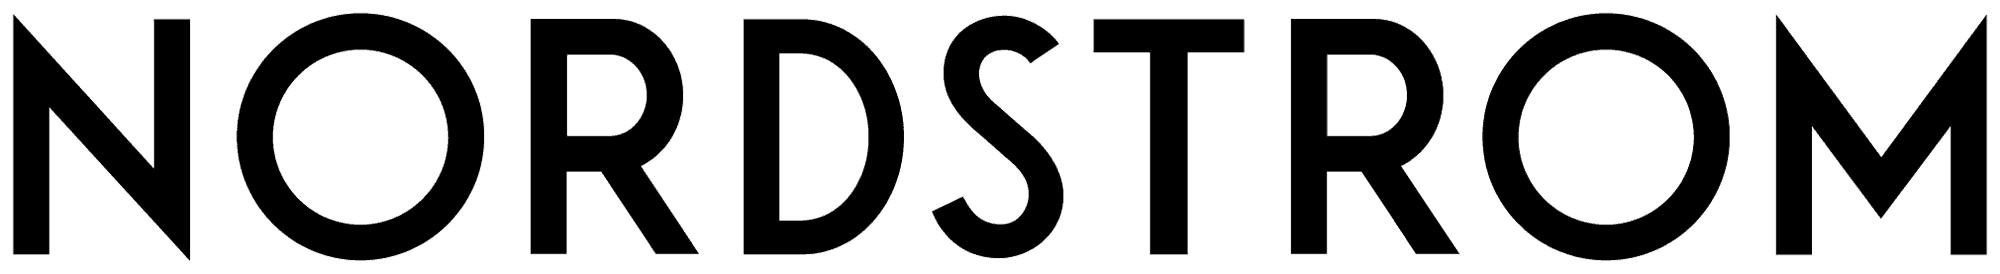 MyNordstorm.com - Nordstrom logo